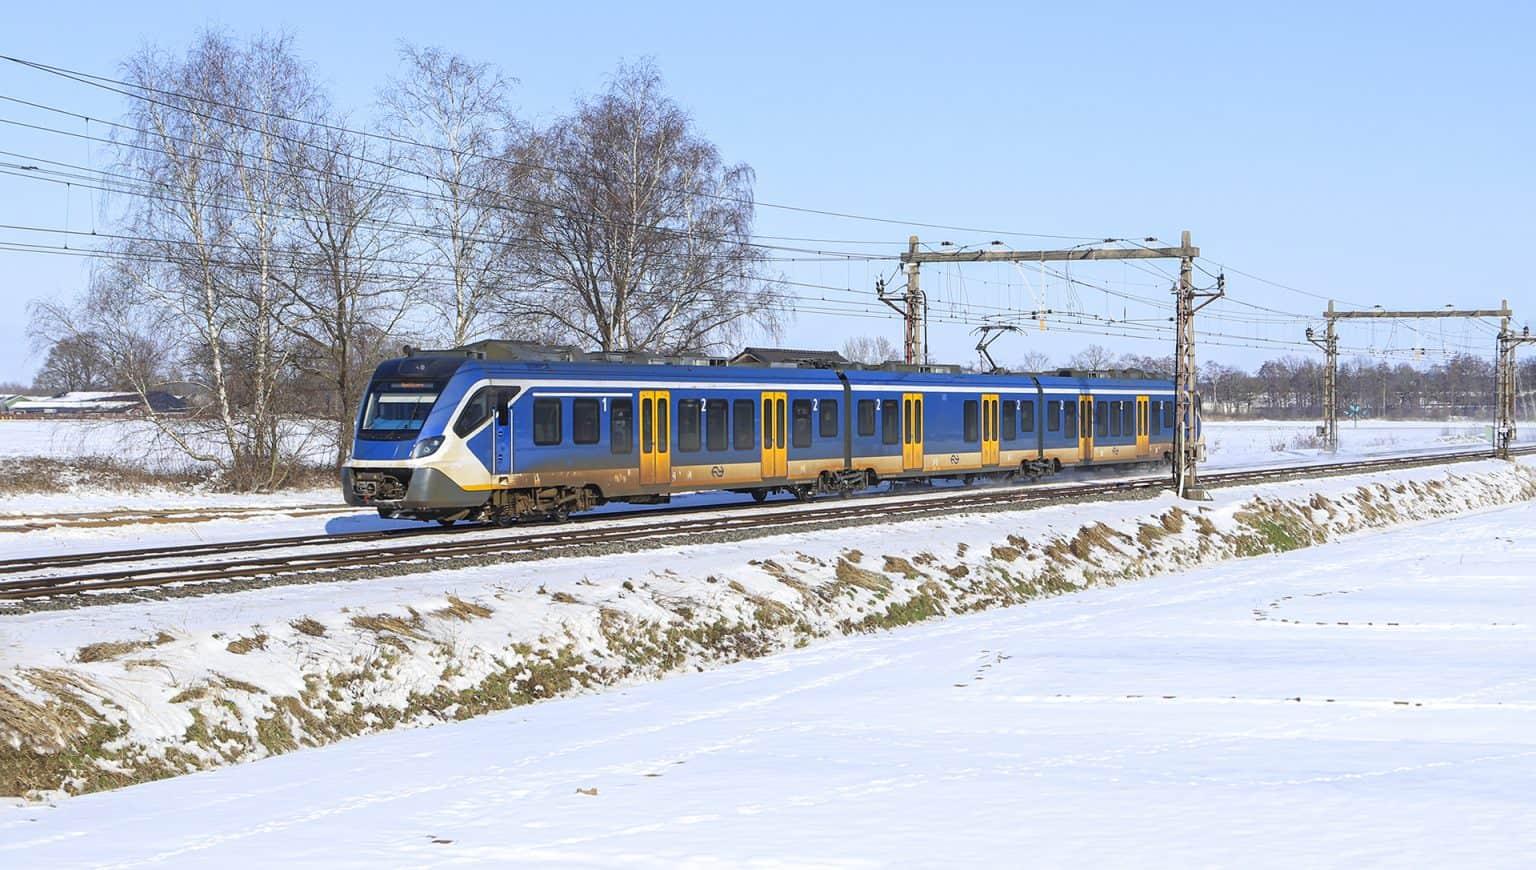 IMG_2082 - NS Sprinter 2339 (Hengelo-Apeldoorn) bij Dijkerhoek, 11-02-2021.-GF.